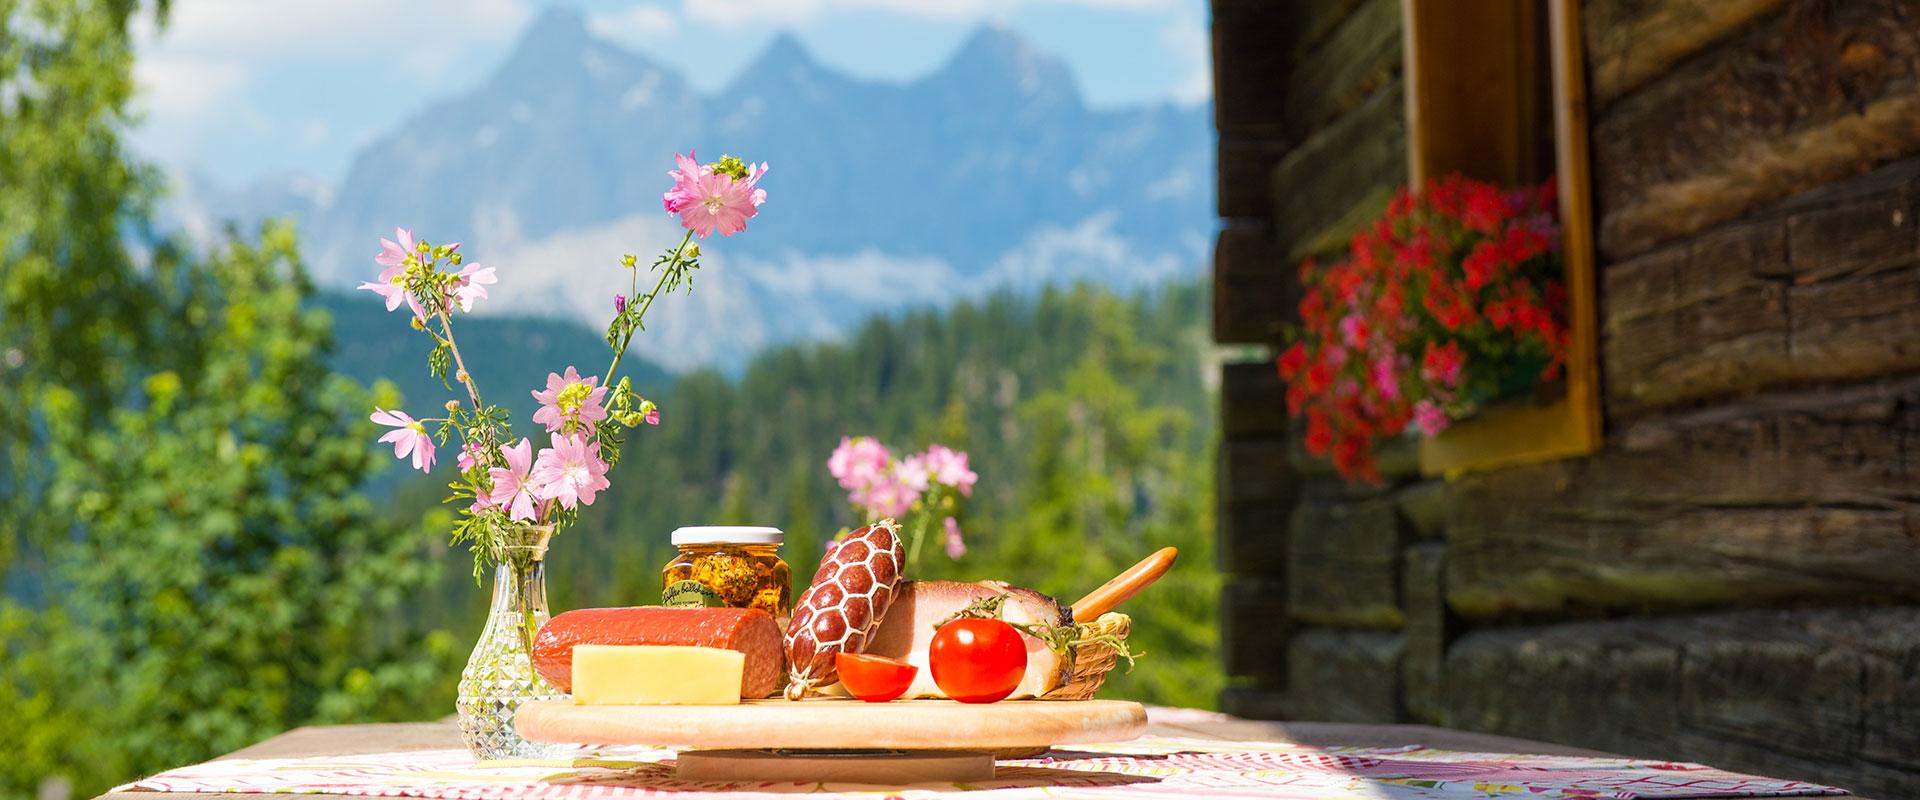 Almurlaub in Radstadt, Salzburger Land - Steinwandalm